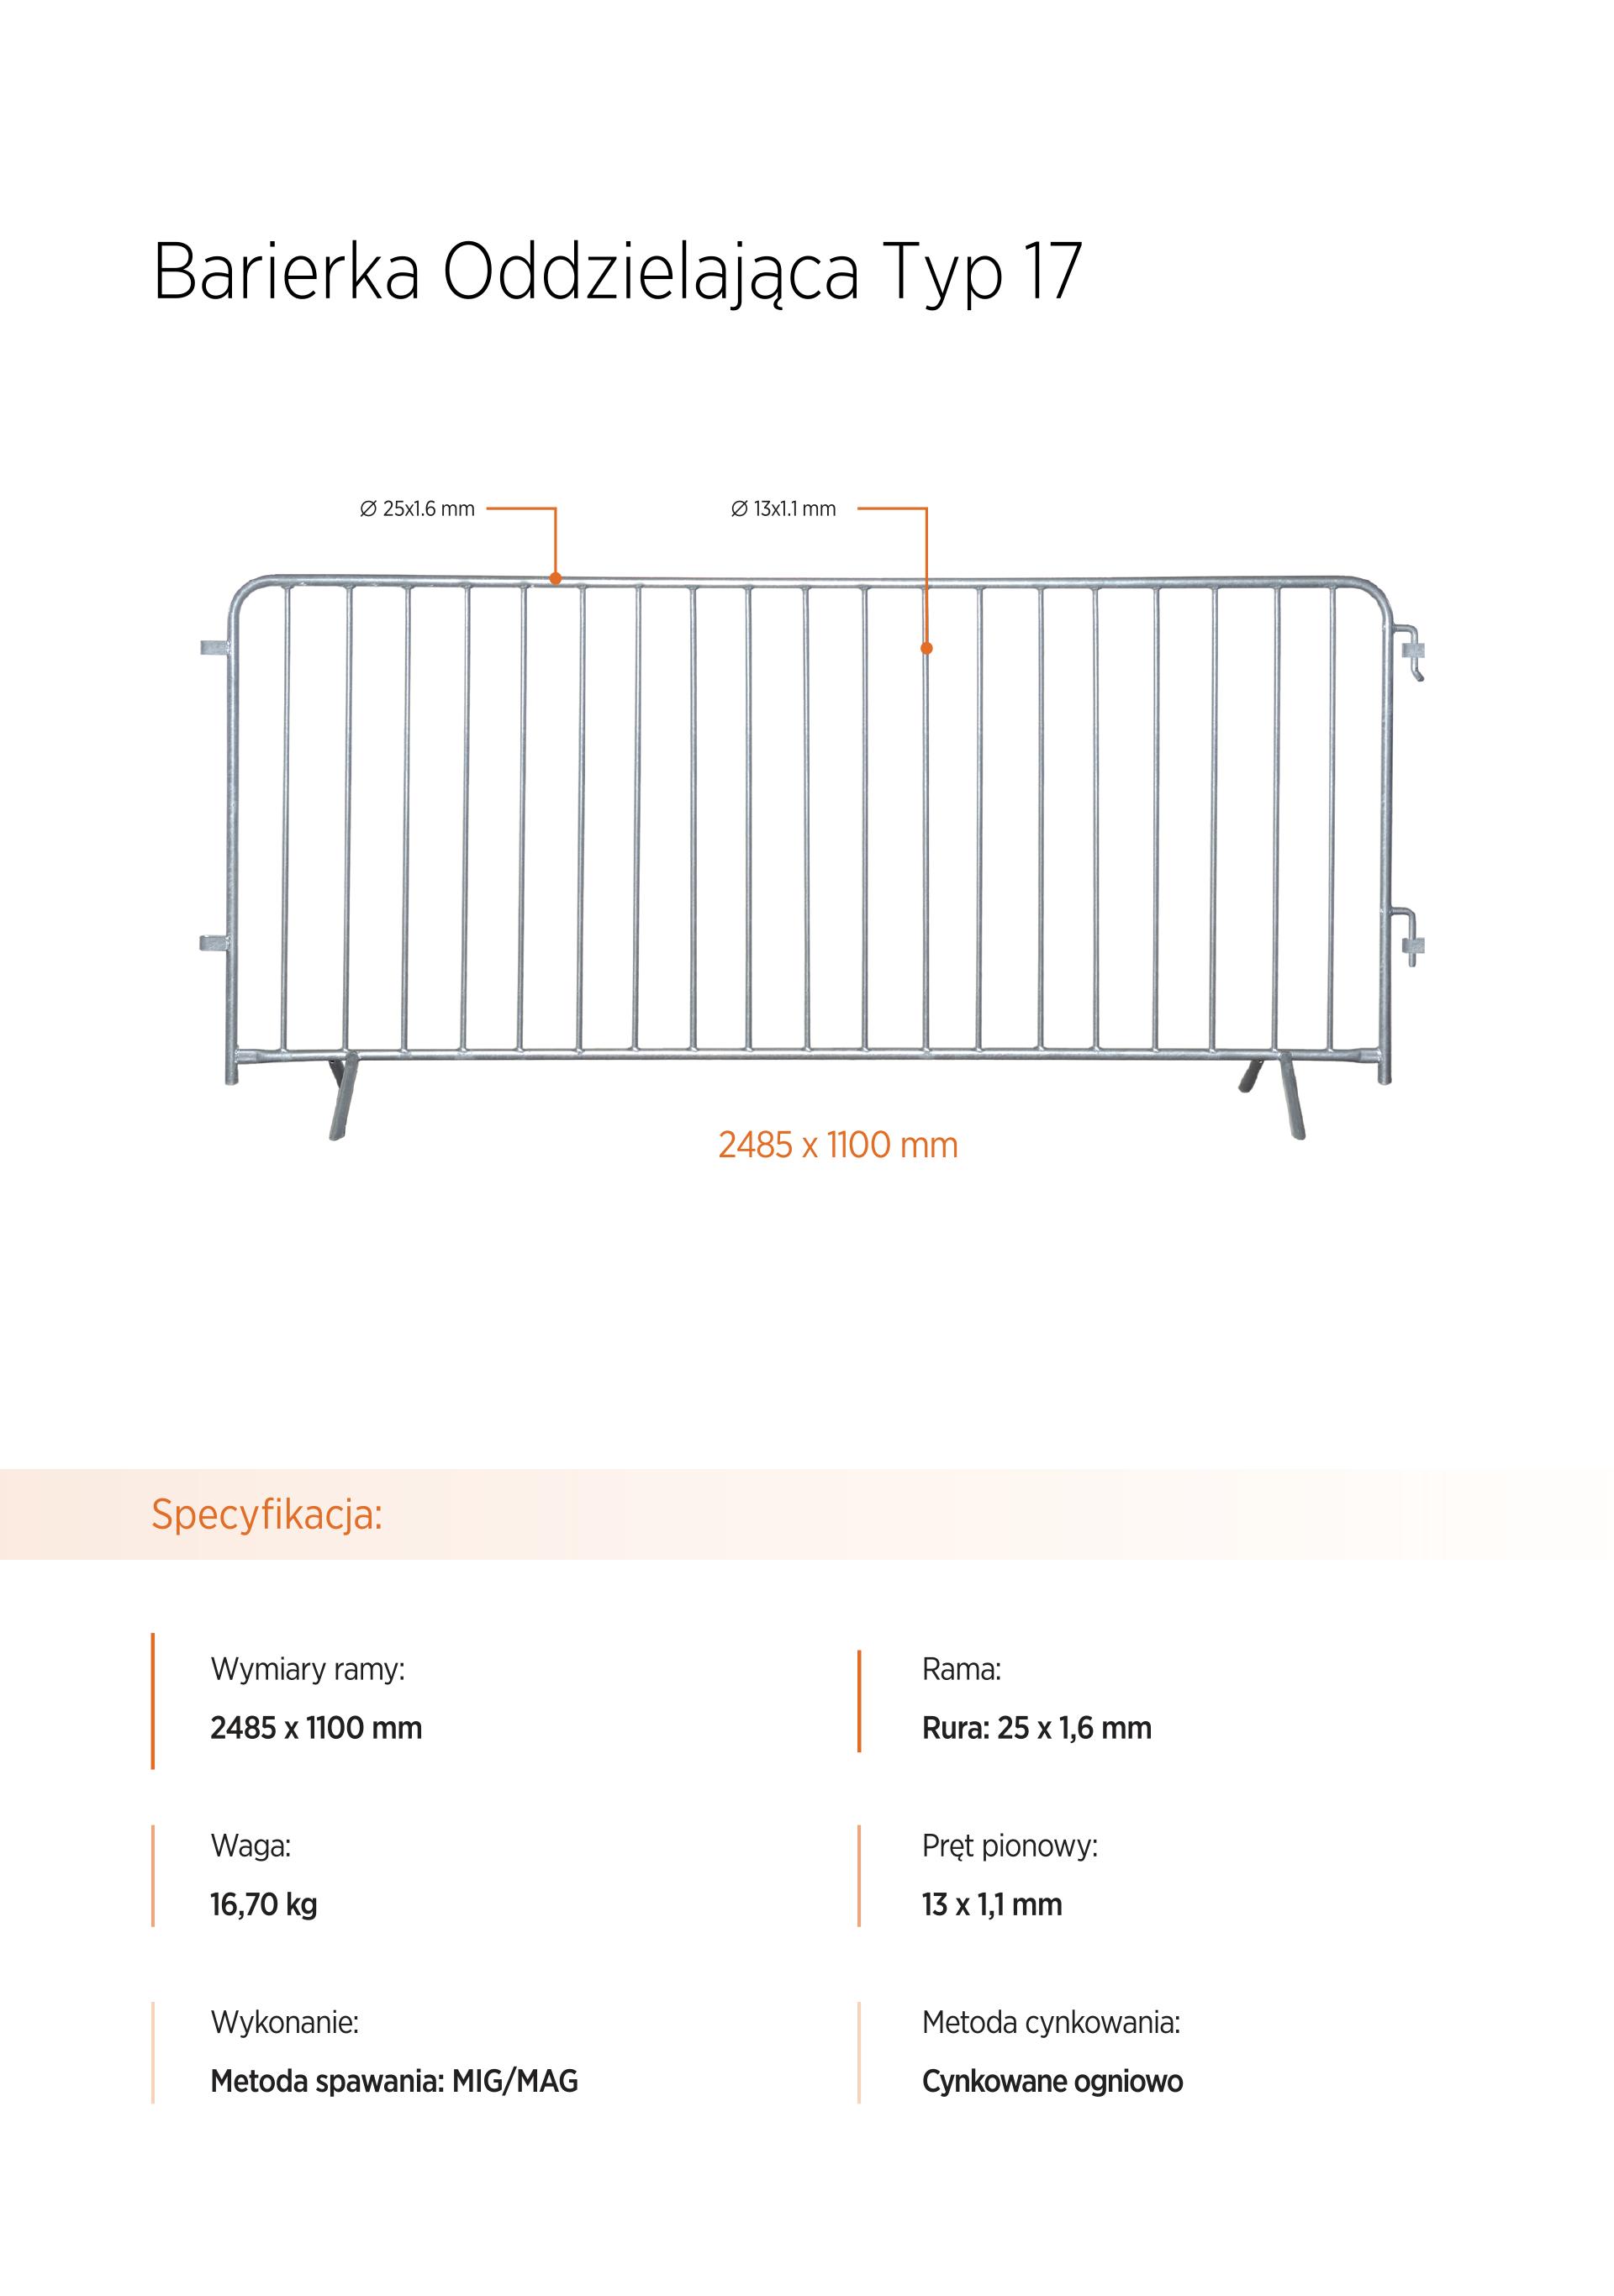 barierka eventowa - Wynajem ogrodzeń tymczasowych